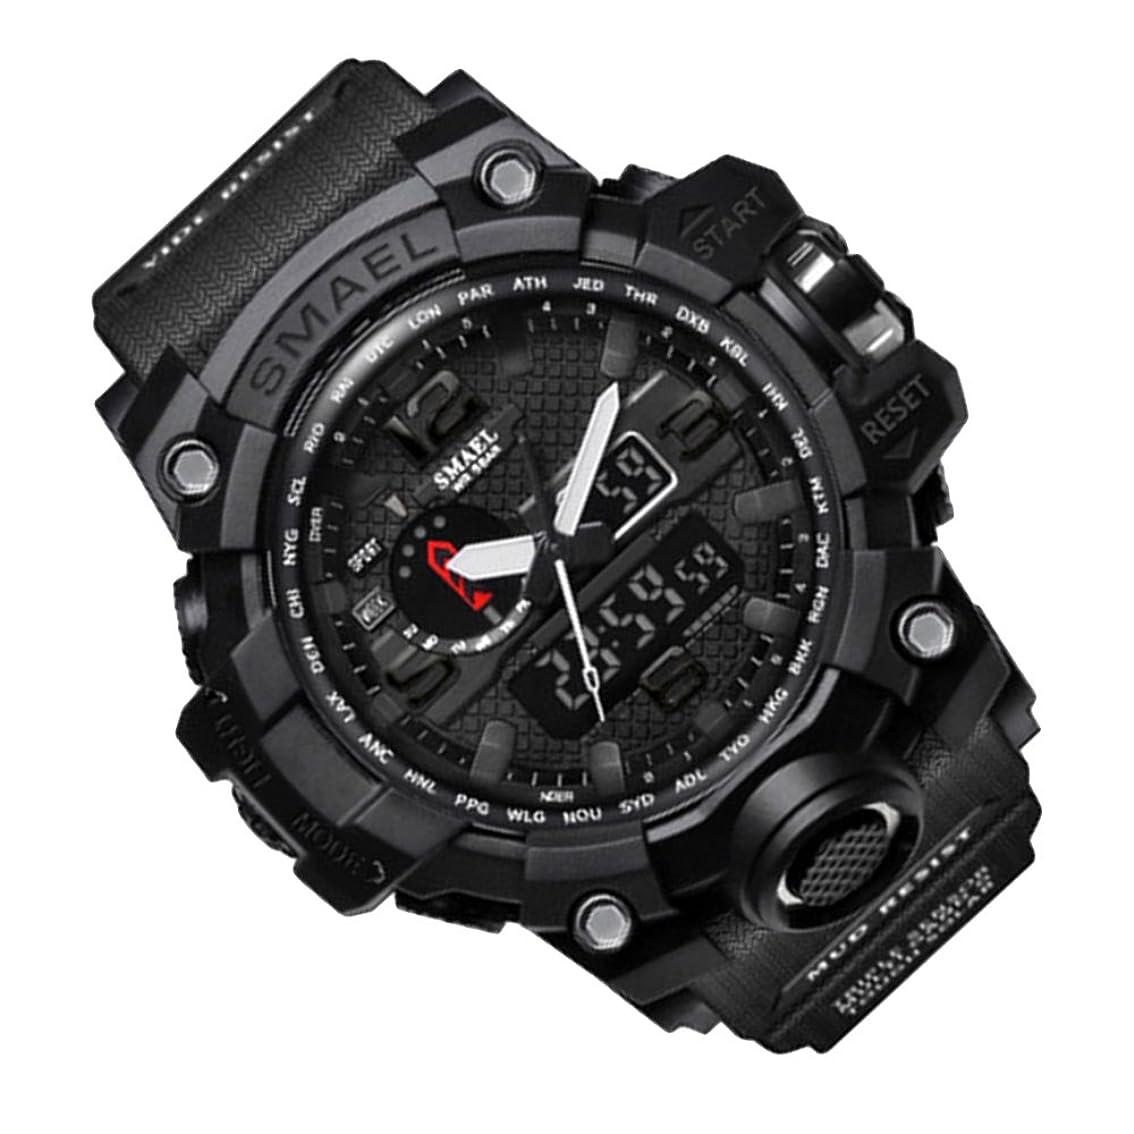 ゲートウェイ着飾る発生するデジタル腕時計 ボーイズ 子供用腕時計 男の子 キッズ 腕時計 ストップウオッチ カウントダウン アラーム 50メートル 防水腕時計 スポーツ腕時計 大文字盤led時計 ZAYIYA